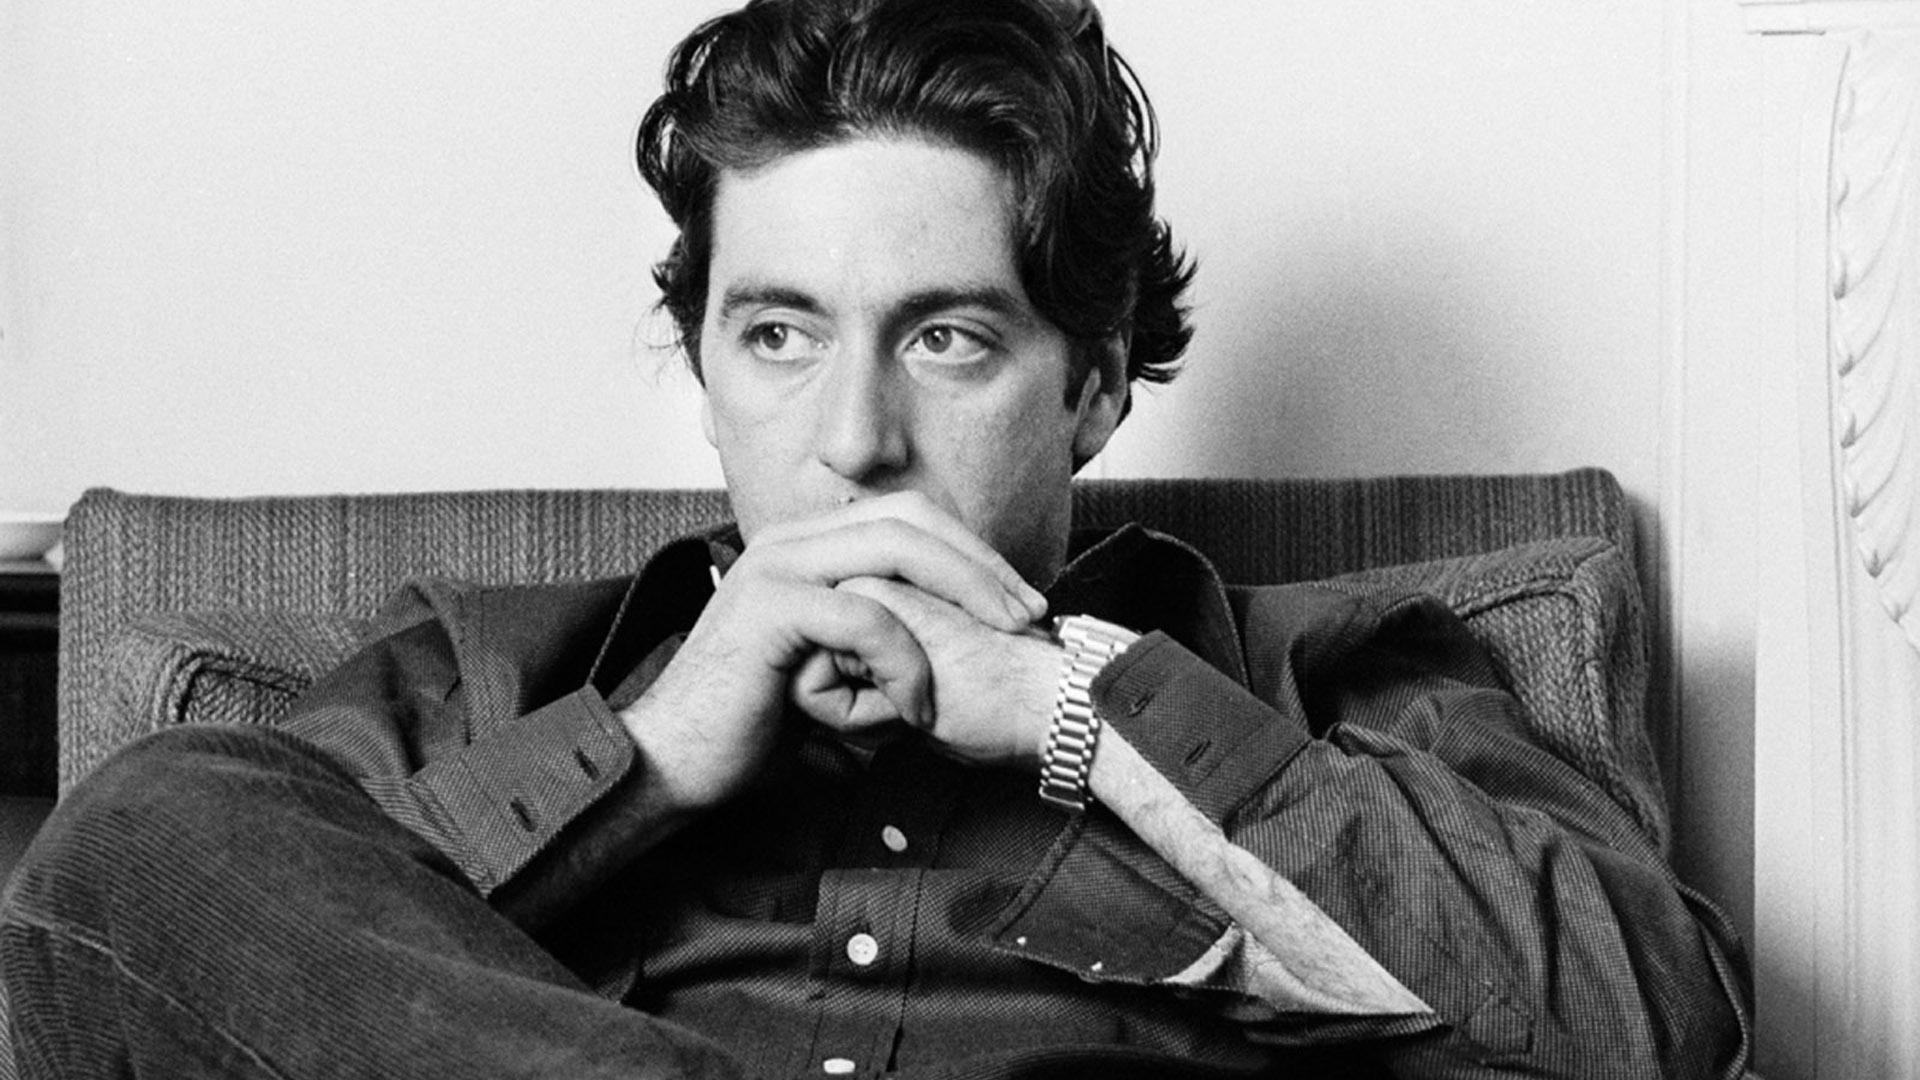 A. Al Pacino